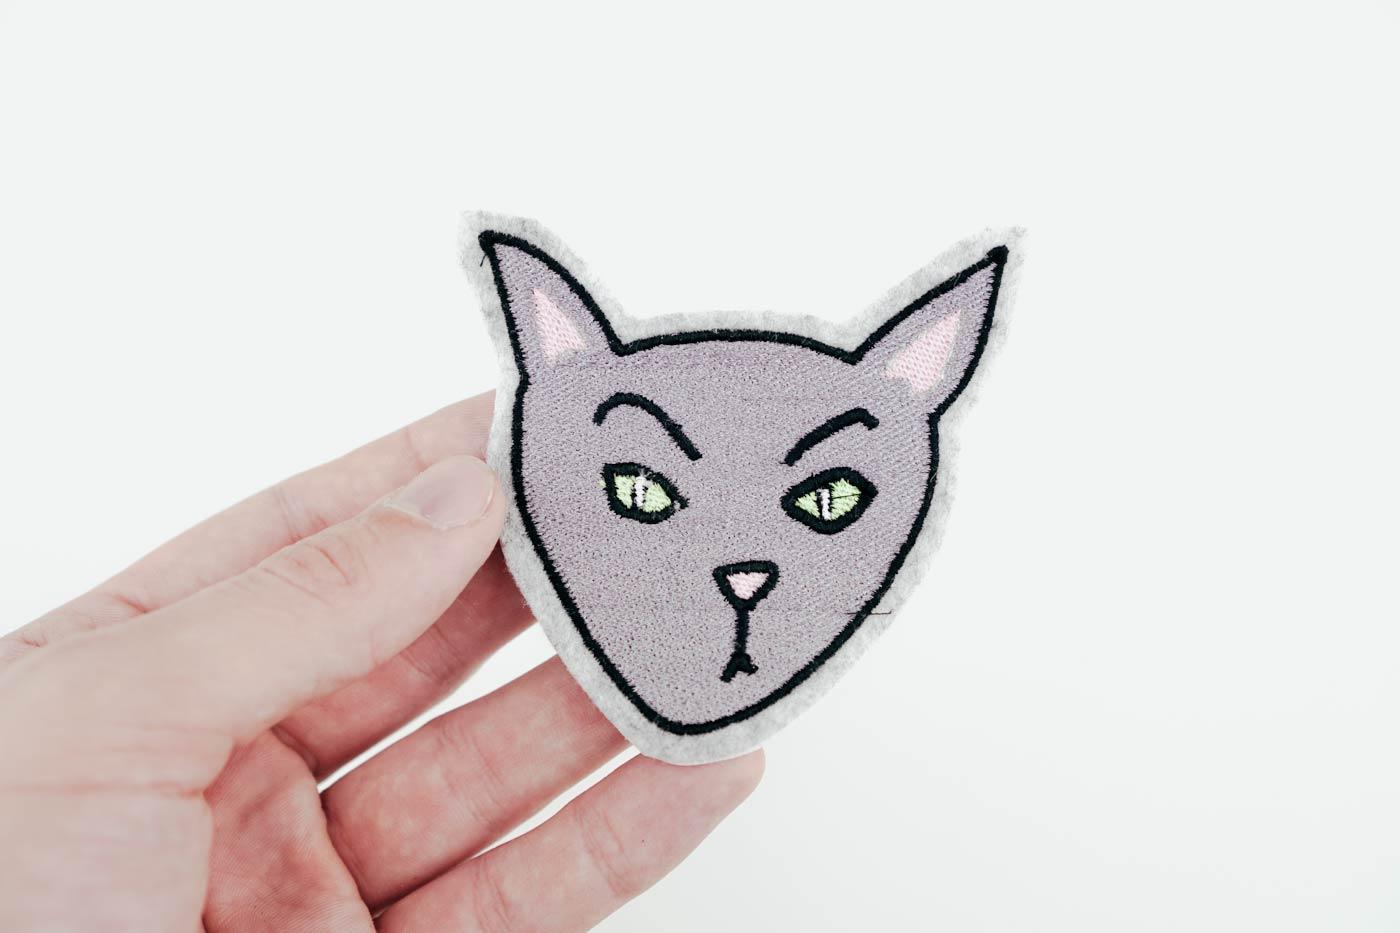 Halloween Katze als Stickdatei herunterladen halloween katze - 2017 09 stickdatei embroidery design halloween 01 00020 - Halloween Katze